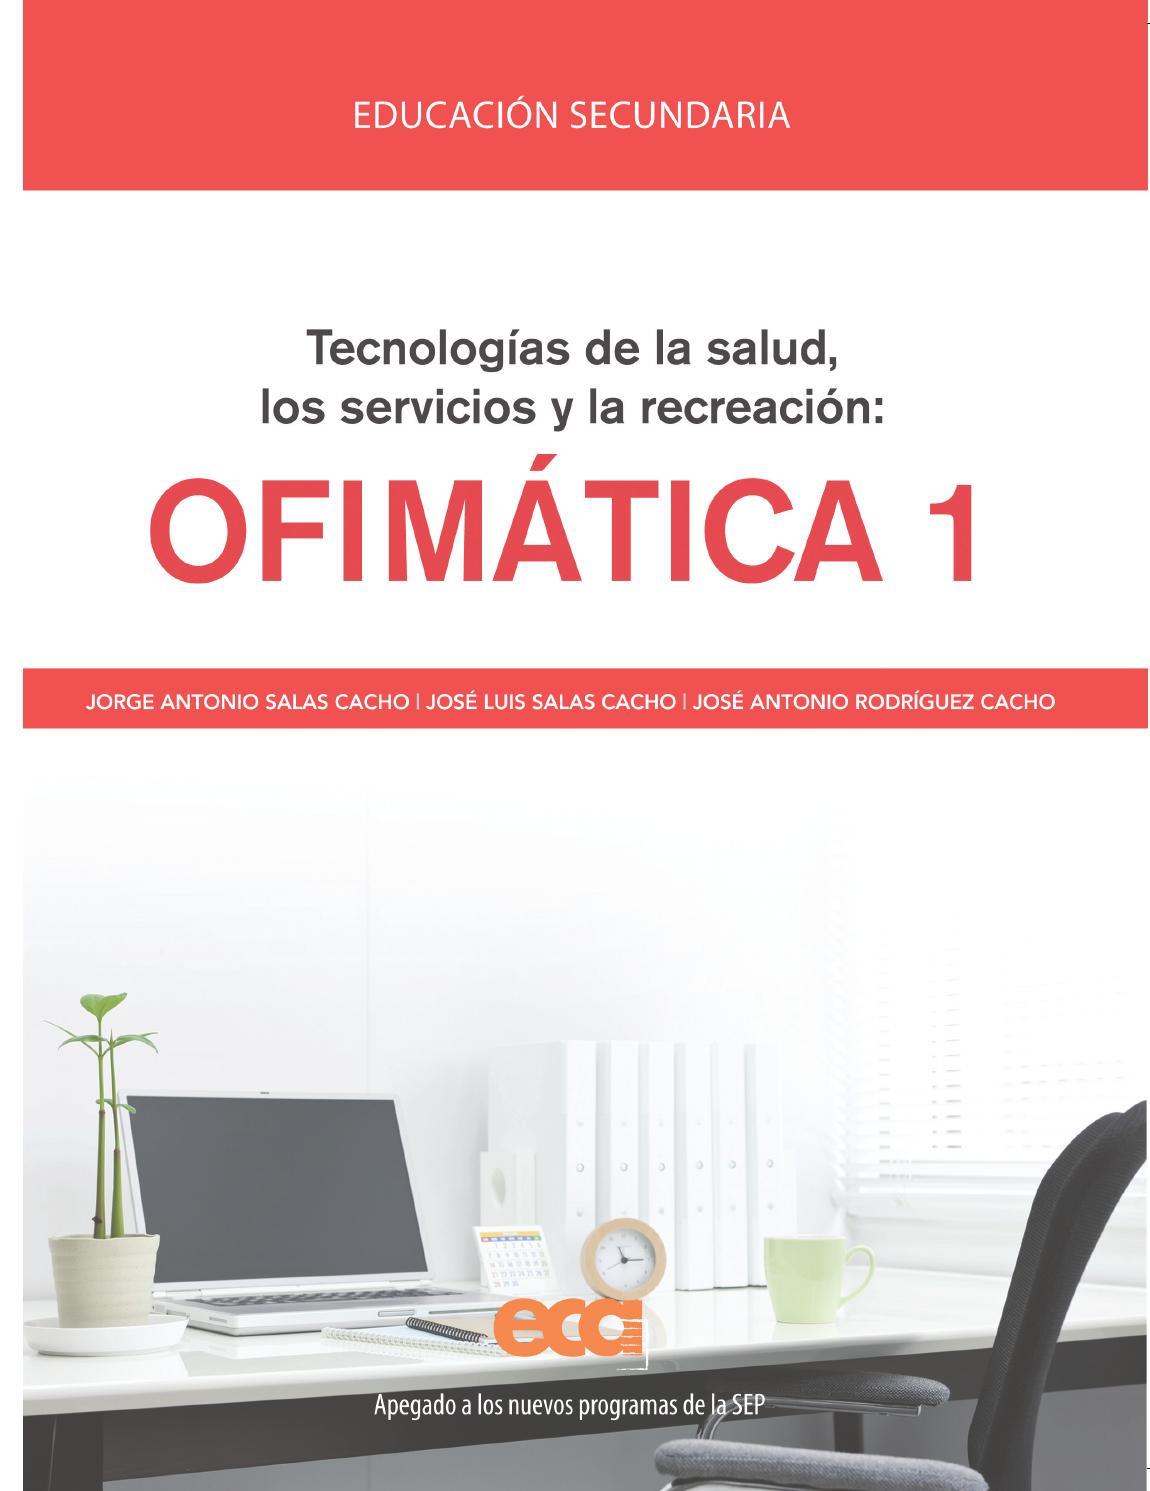 Tecnolog as de la salud los servicios y la recreaci n for La oficina caracteristicas